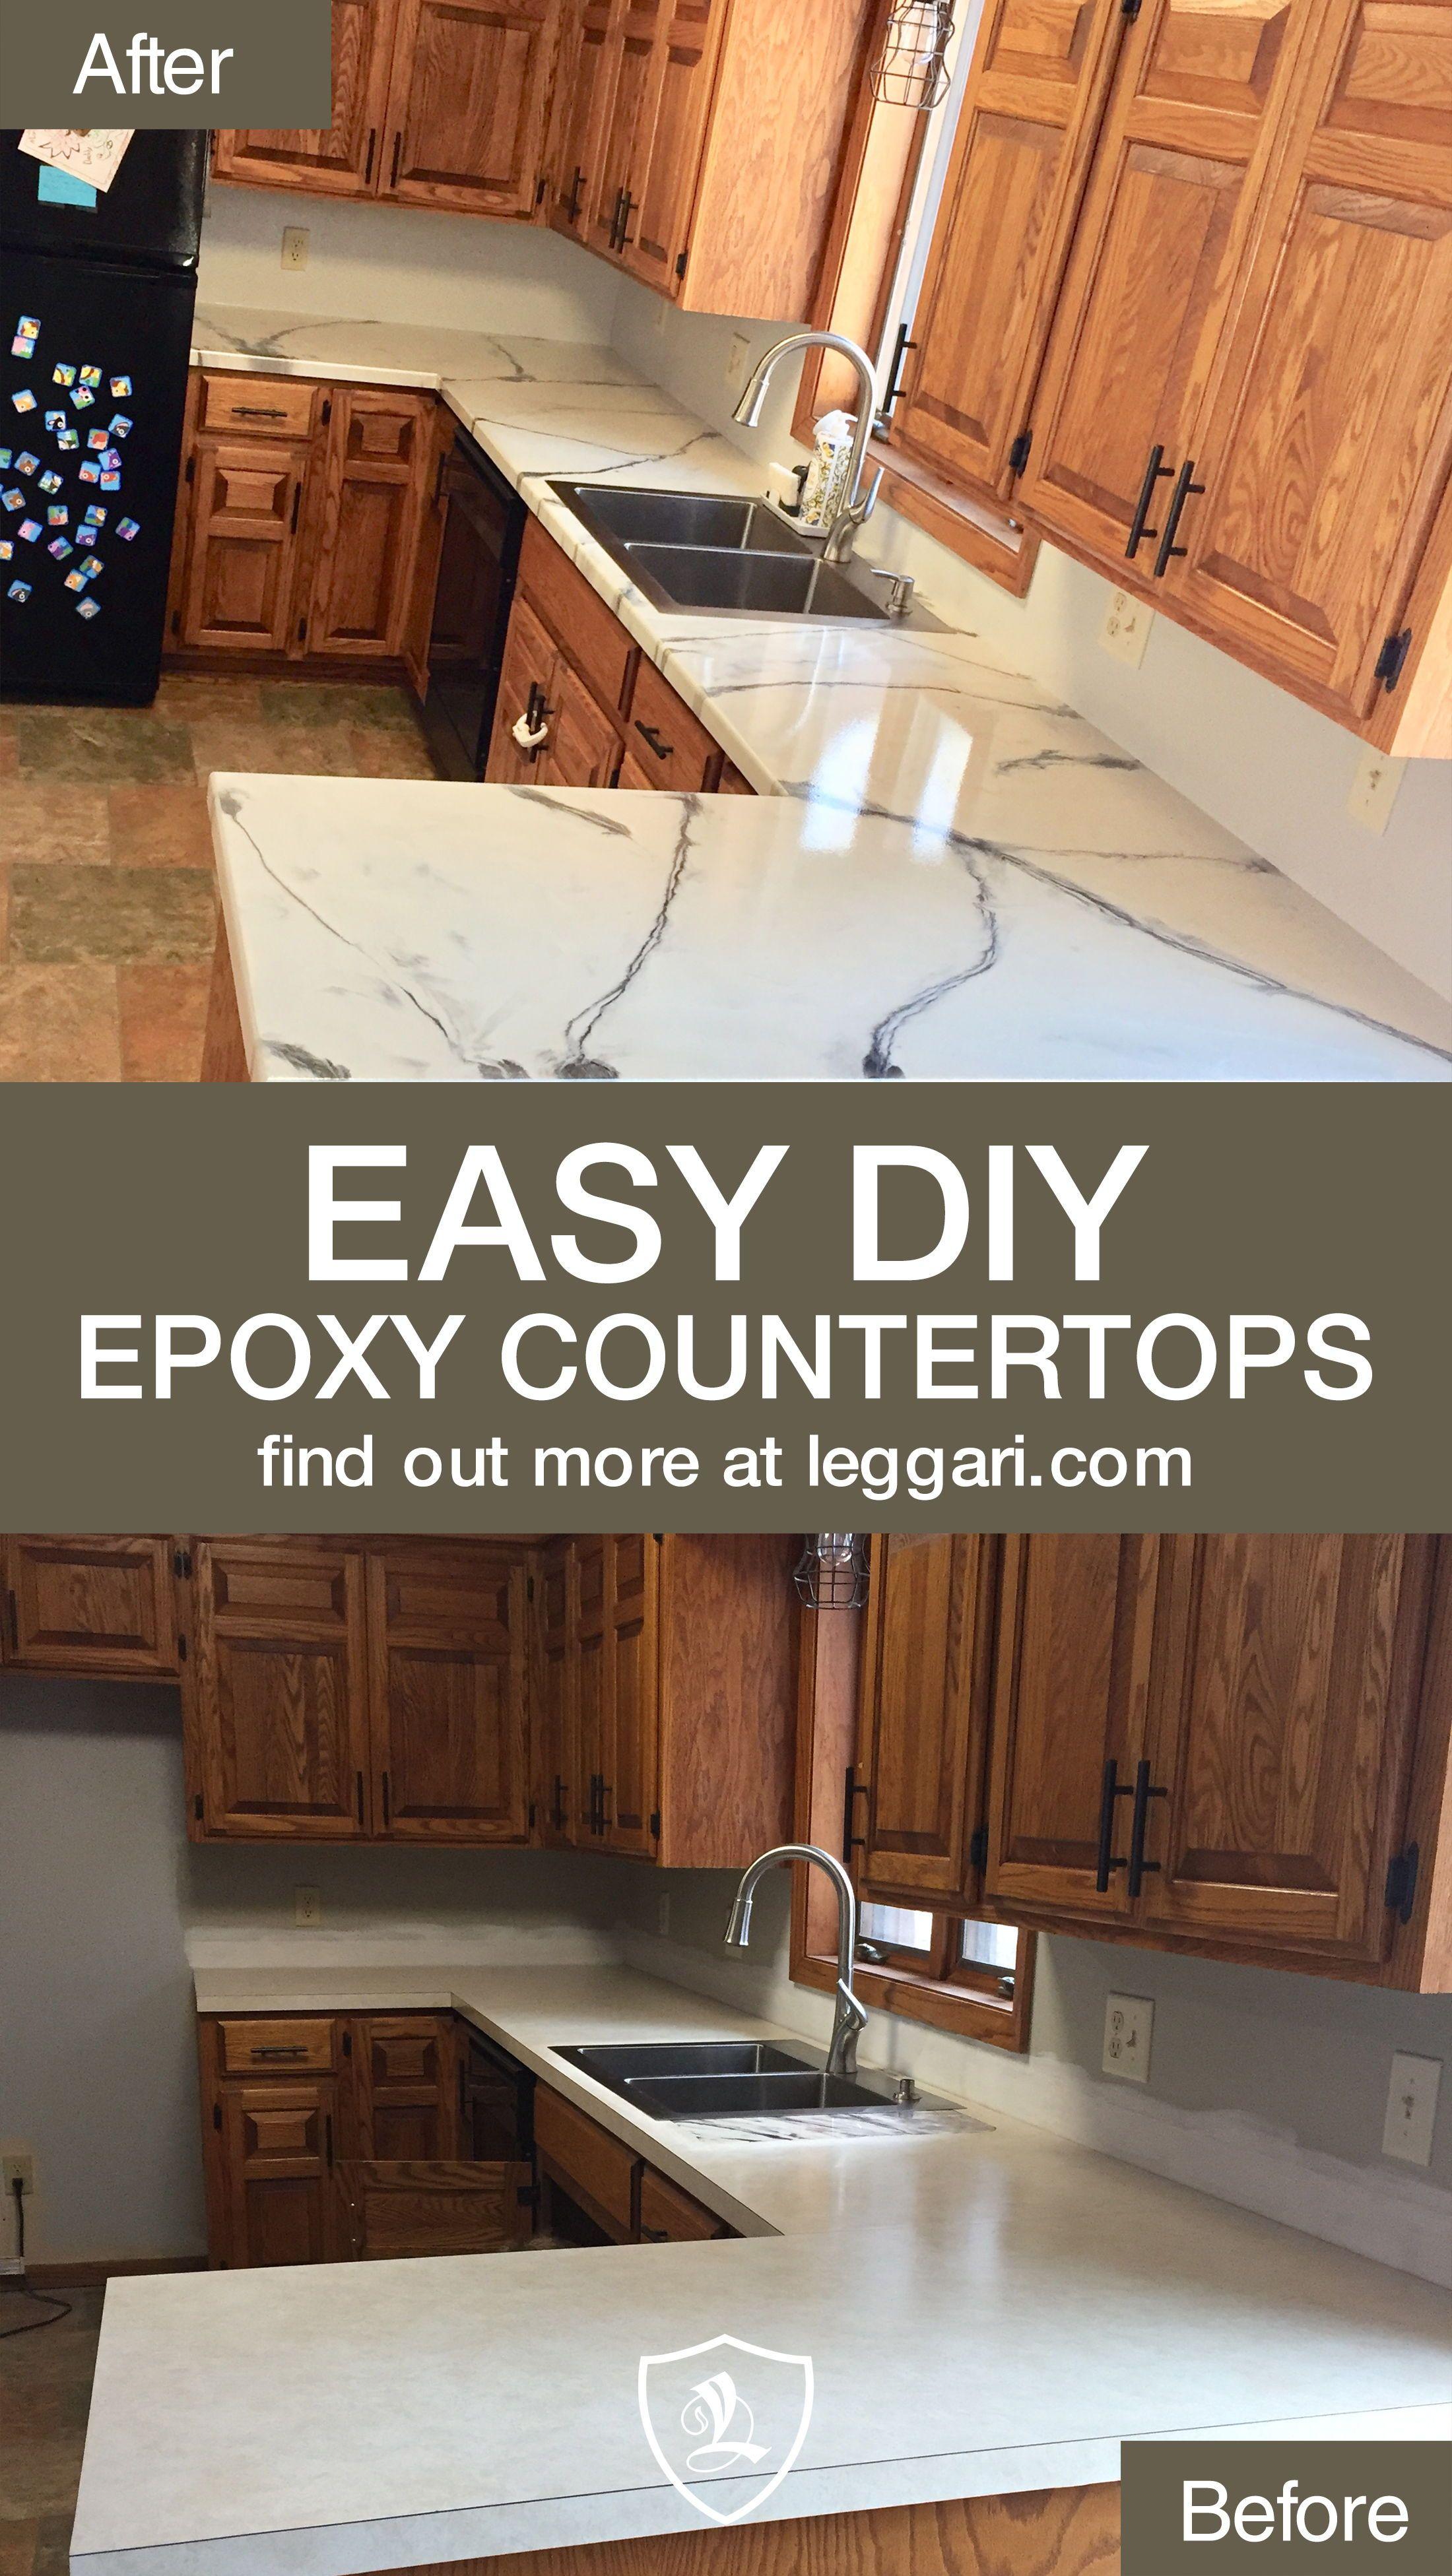 Leggari Products Epoxy Brochure Epoxy Countertop Diy Epoxy Countertops